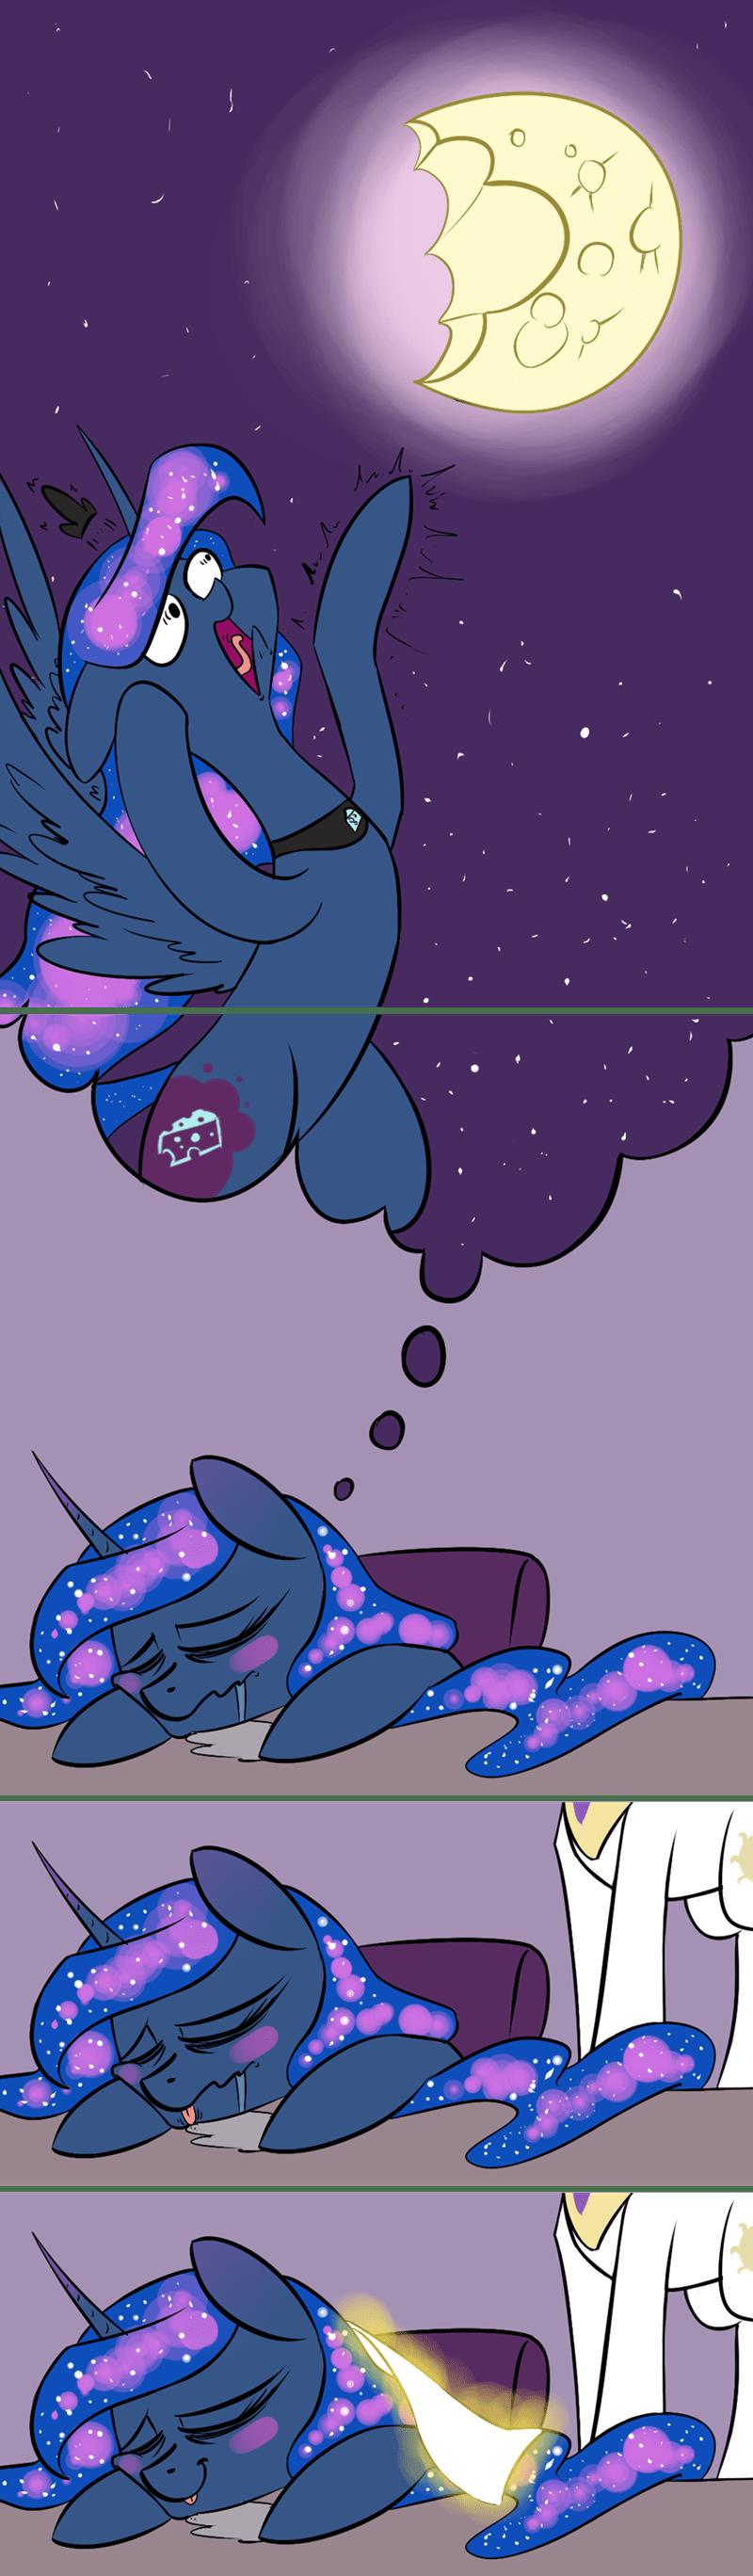 princess luna,princess celestia